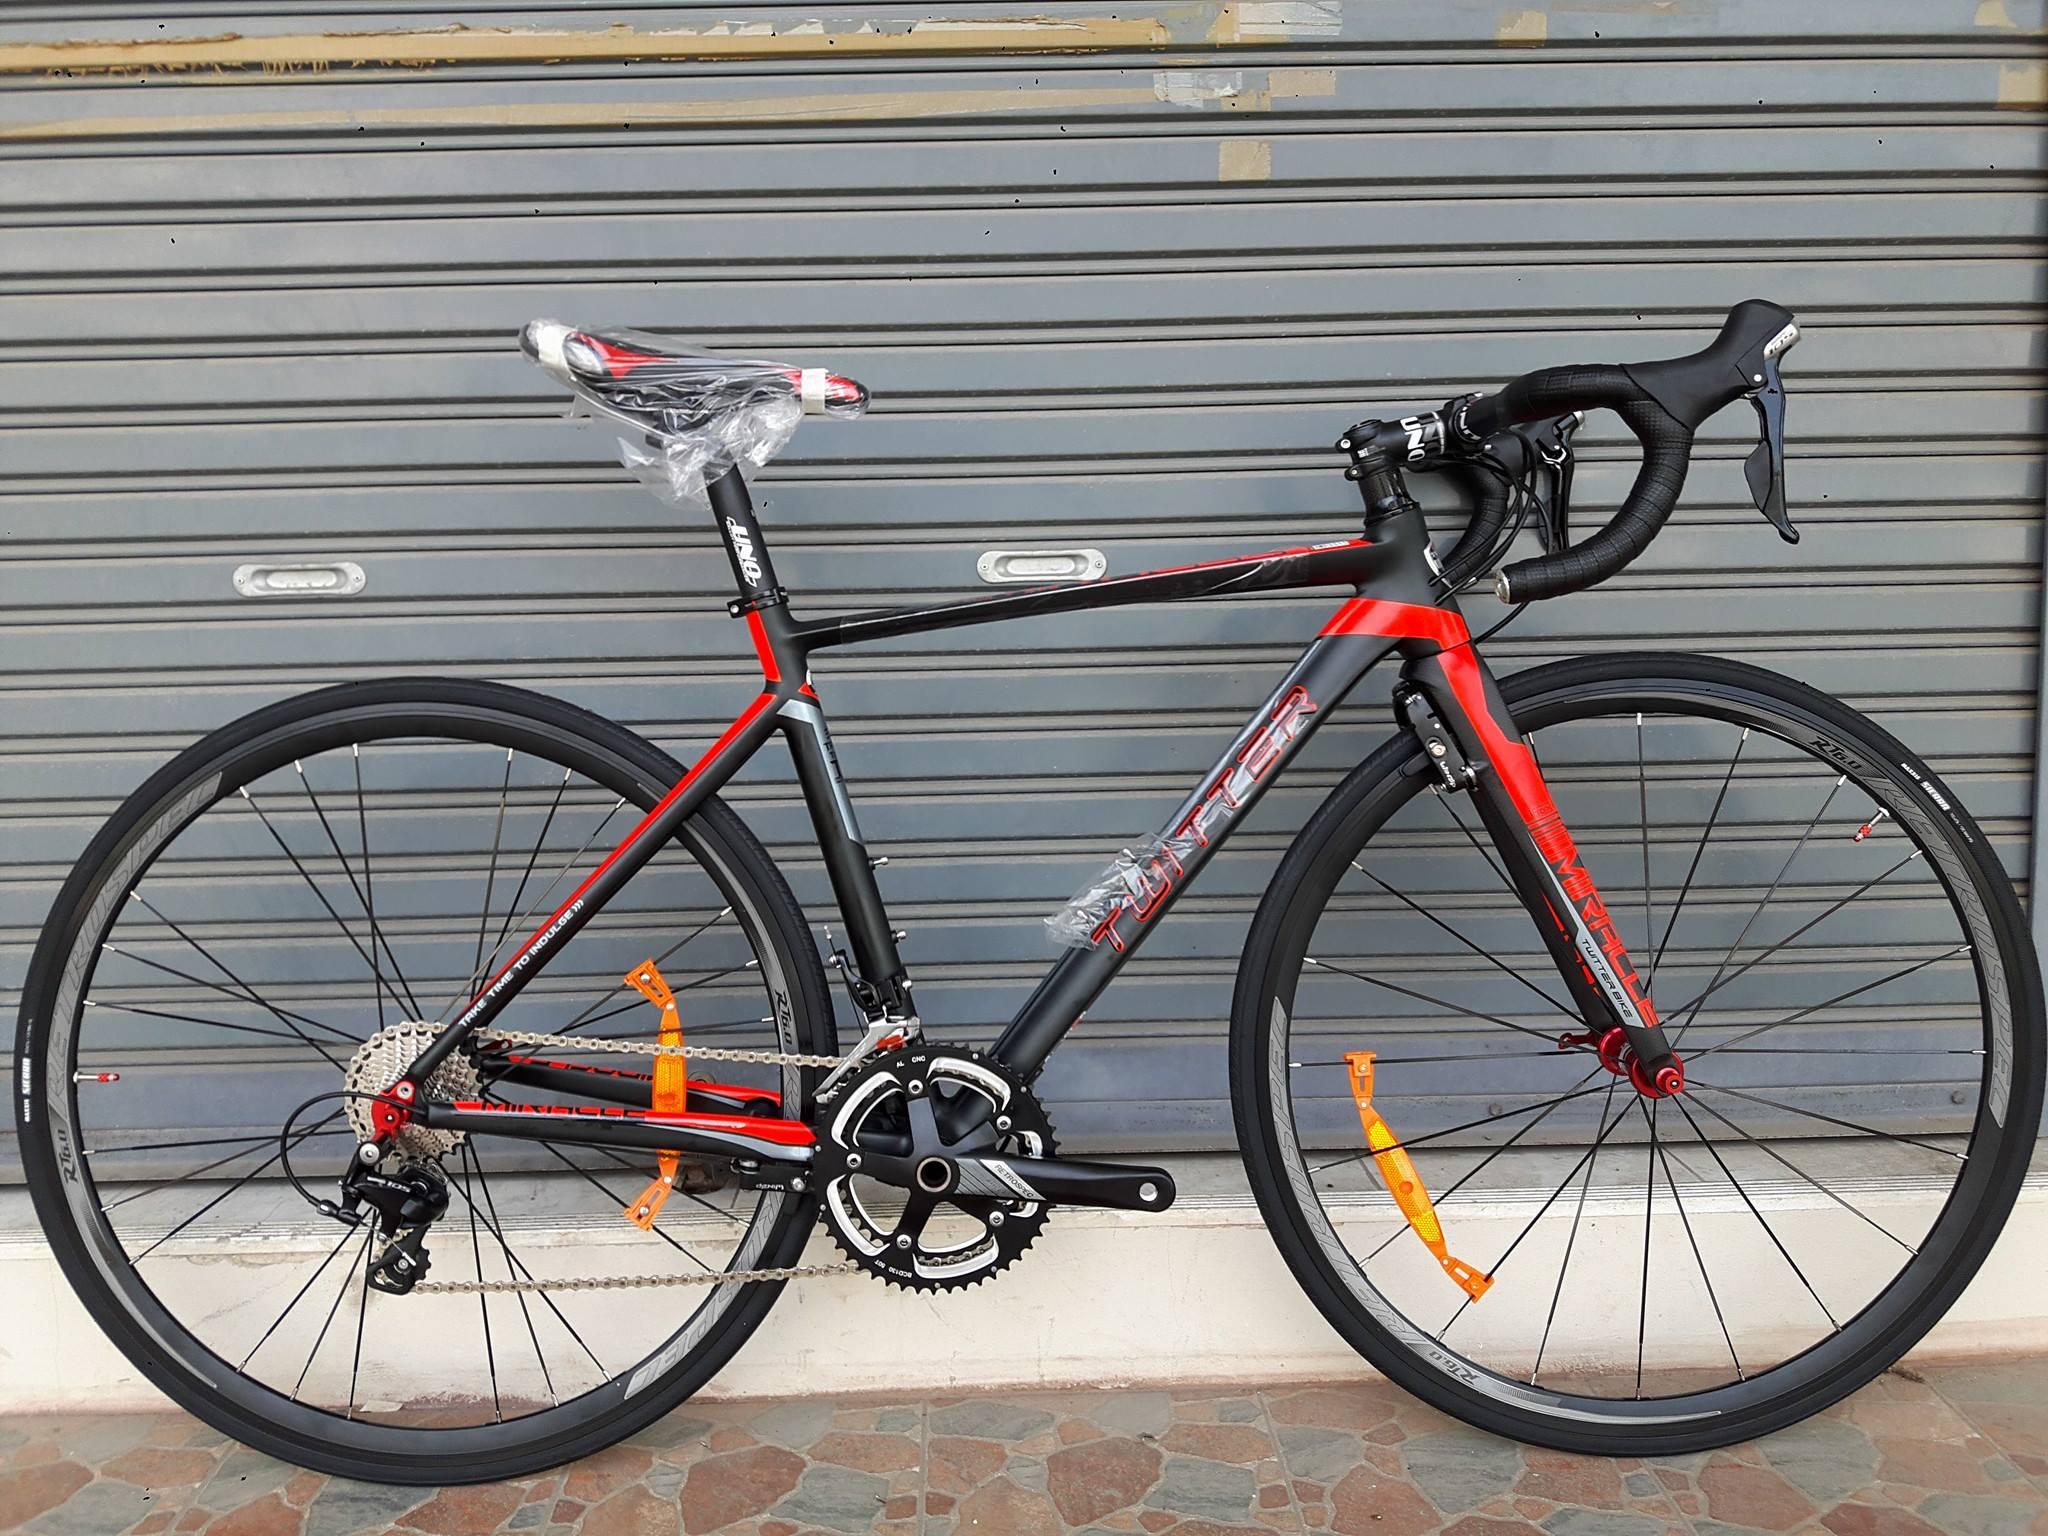 จักรยานเสือหมอบ Twitter รุ่น Miracle สีดำแดง เฟรมอลูมิเนียม ซ่อนสาย ลบรอยเชื่อม ชุดขับ Shimano 105 x 22 Speed น้ำหนัก 8.4 กิโลกรัม เบรคซ่อนหลัง Winzip (Taiwan)